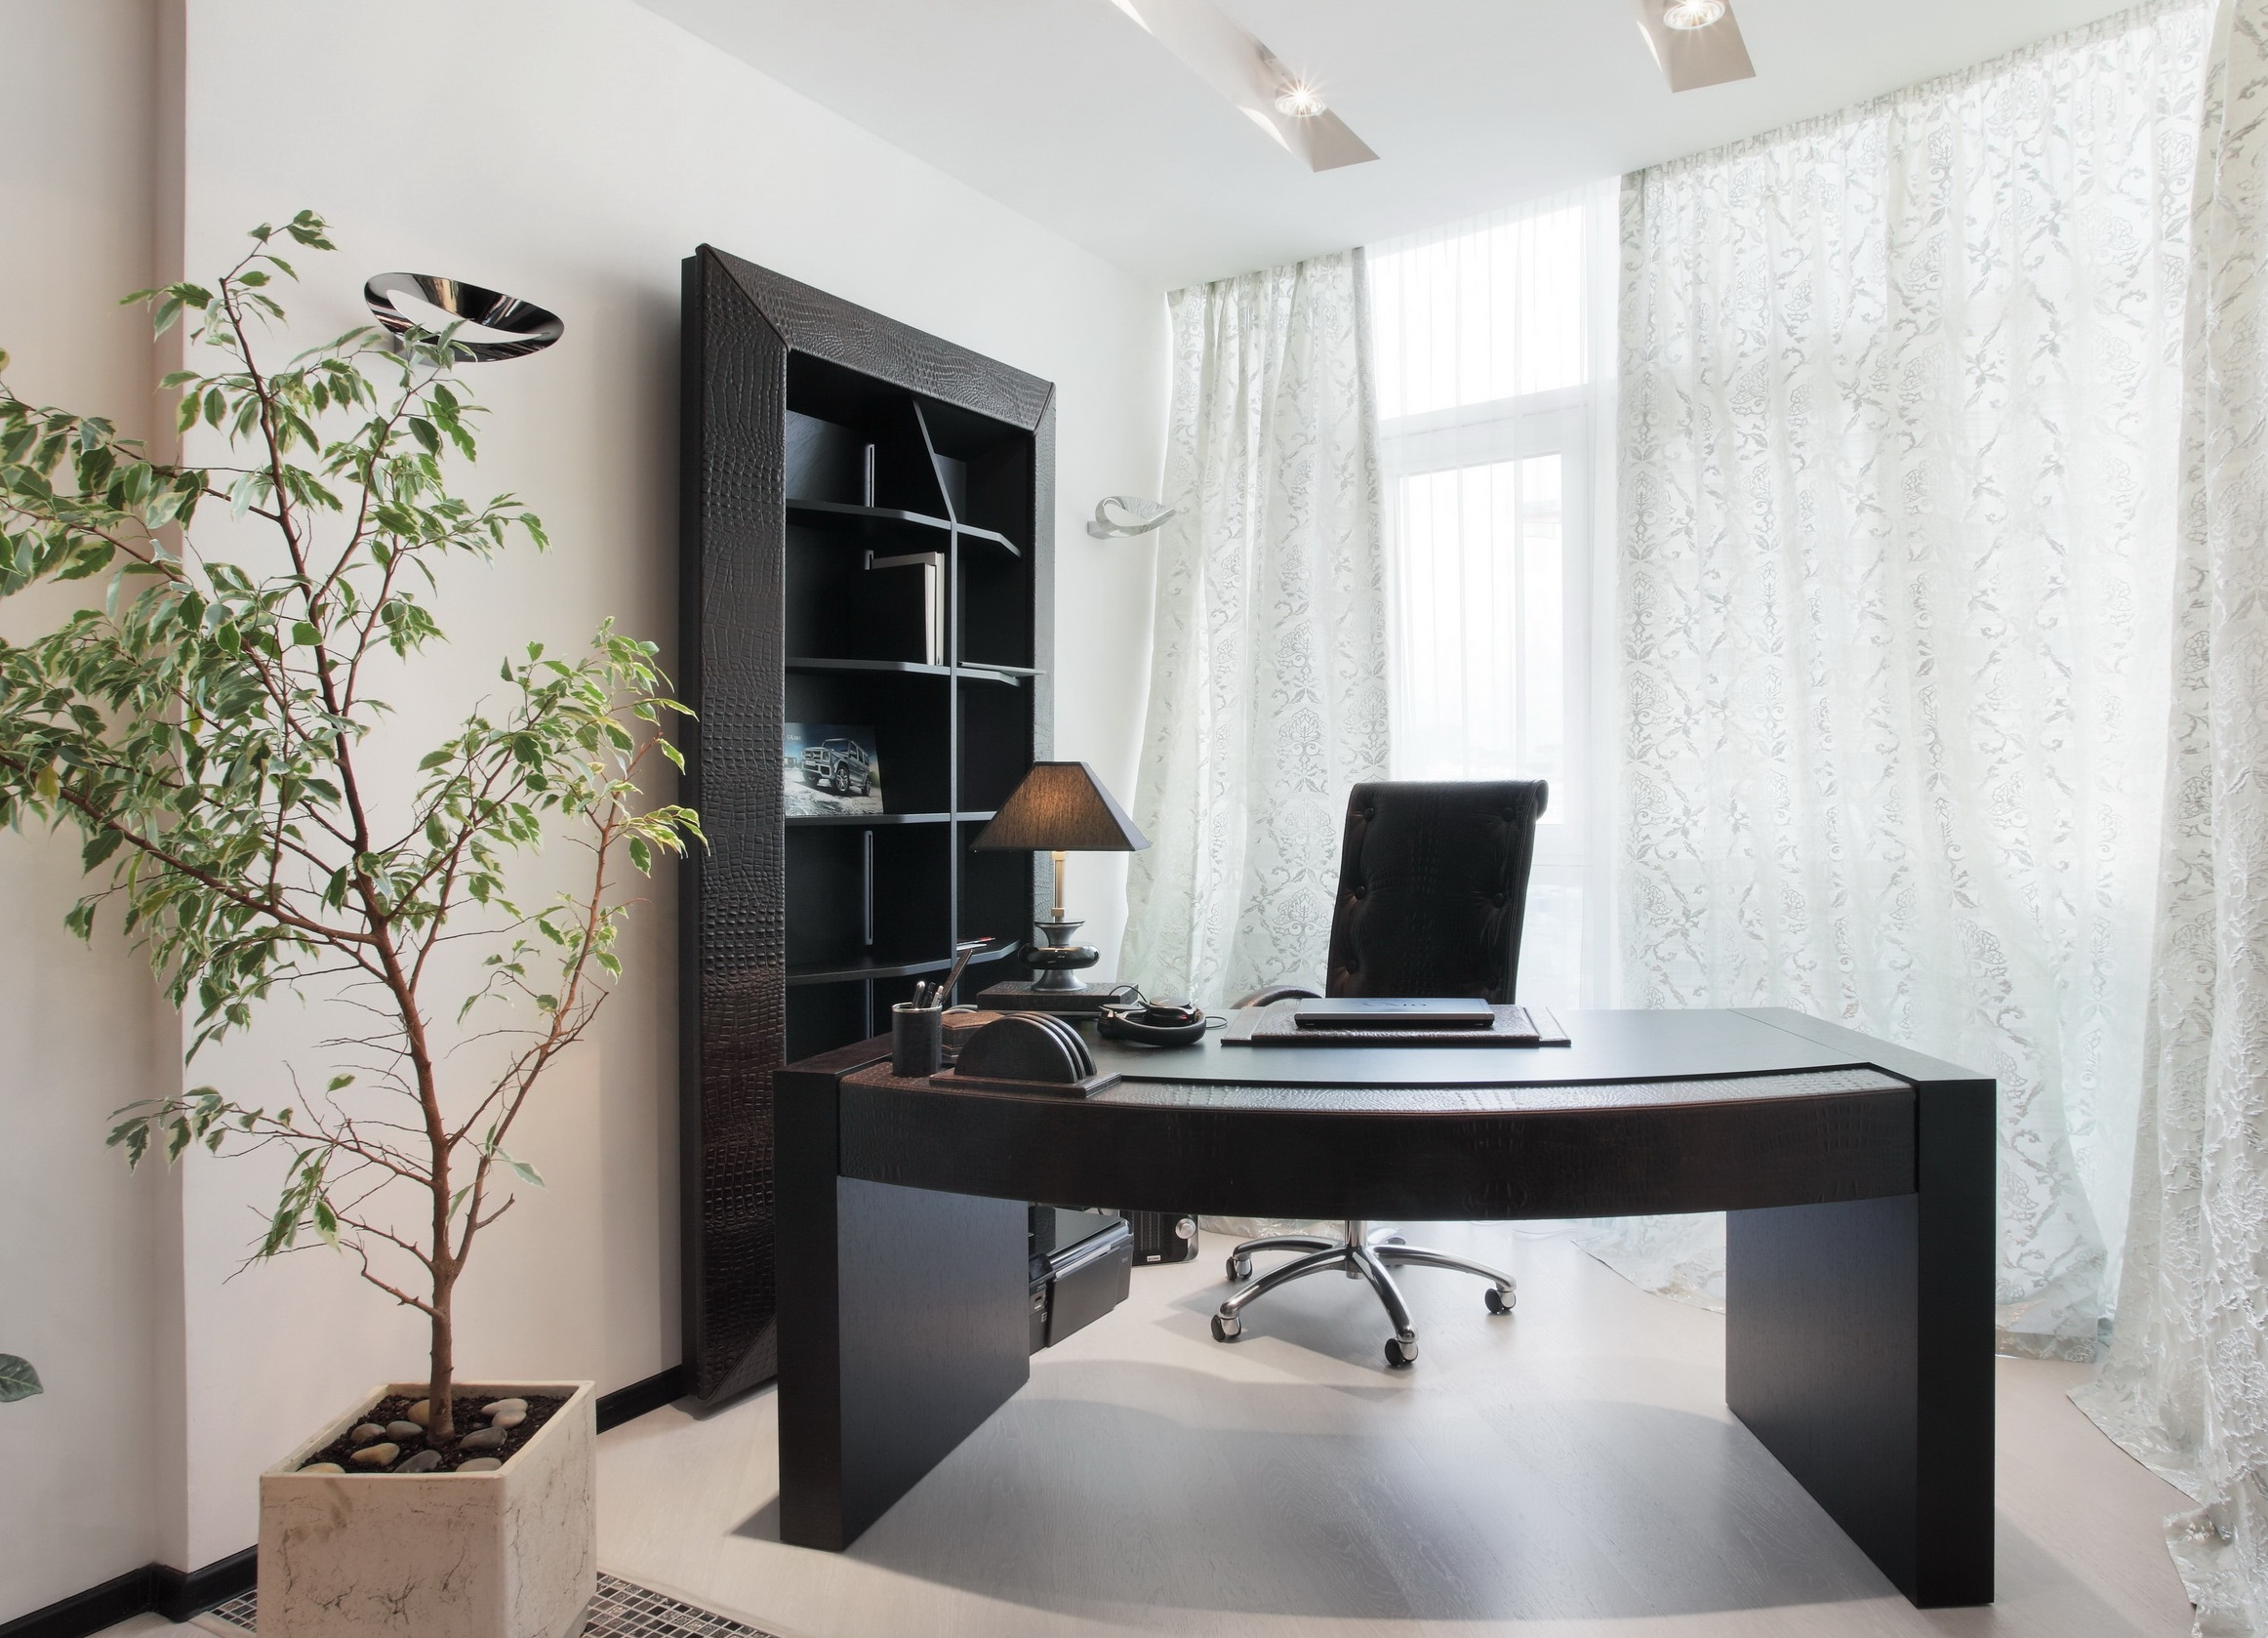 фотосессия для дизайн рабочего кабинета в квартире фото сказать, что они